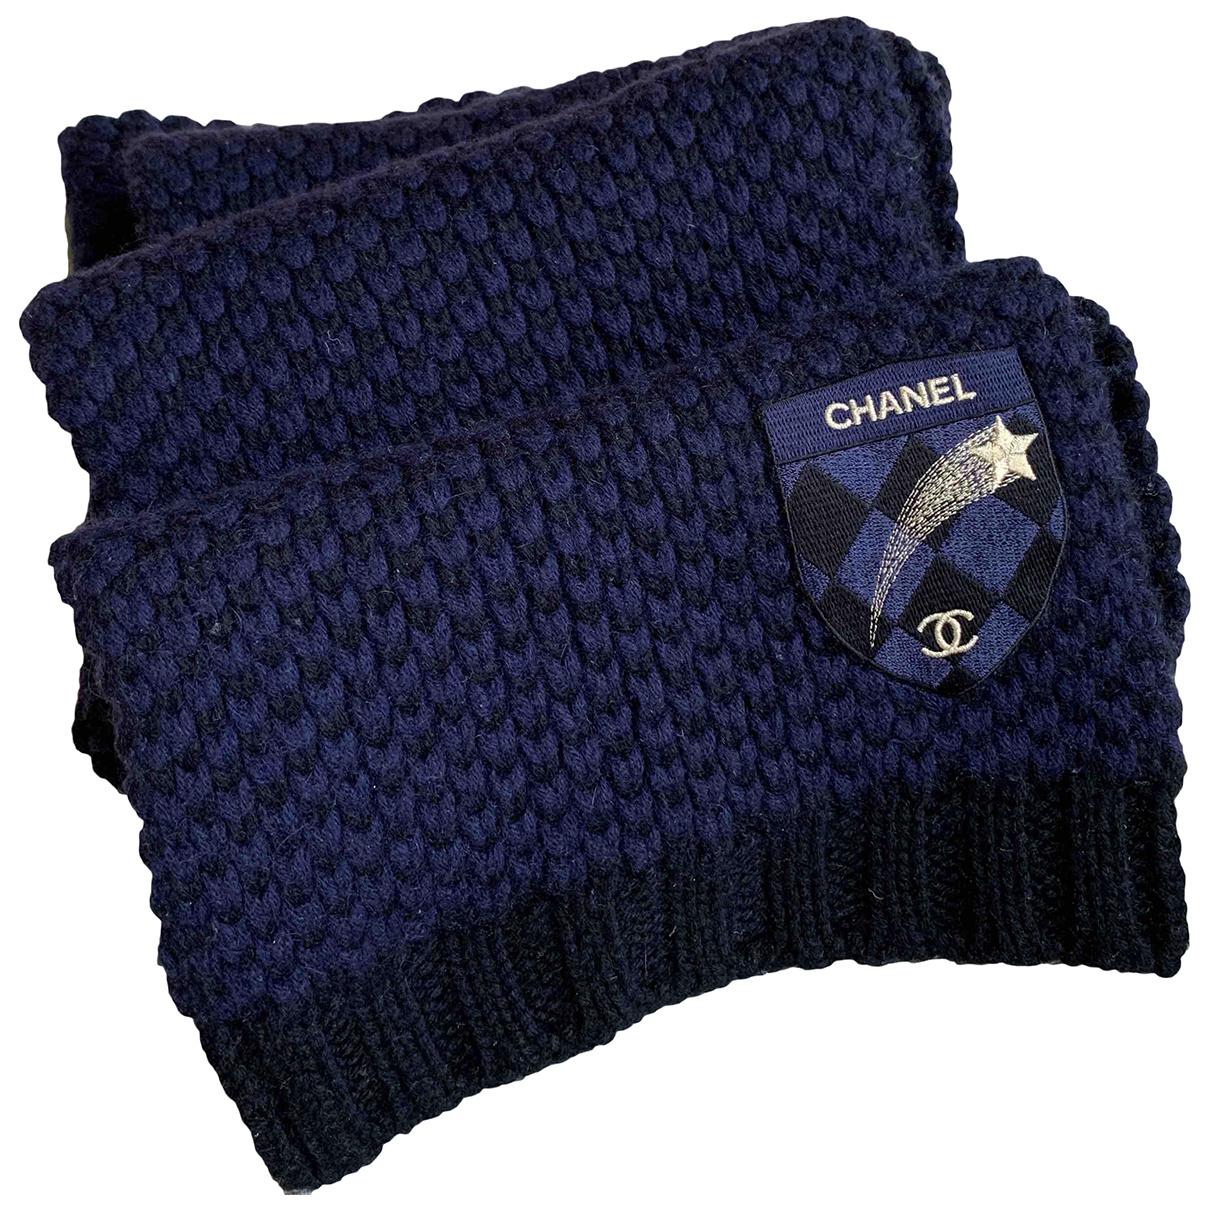 Chanel - Foulard   pour femme en cachemire - bleu